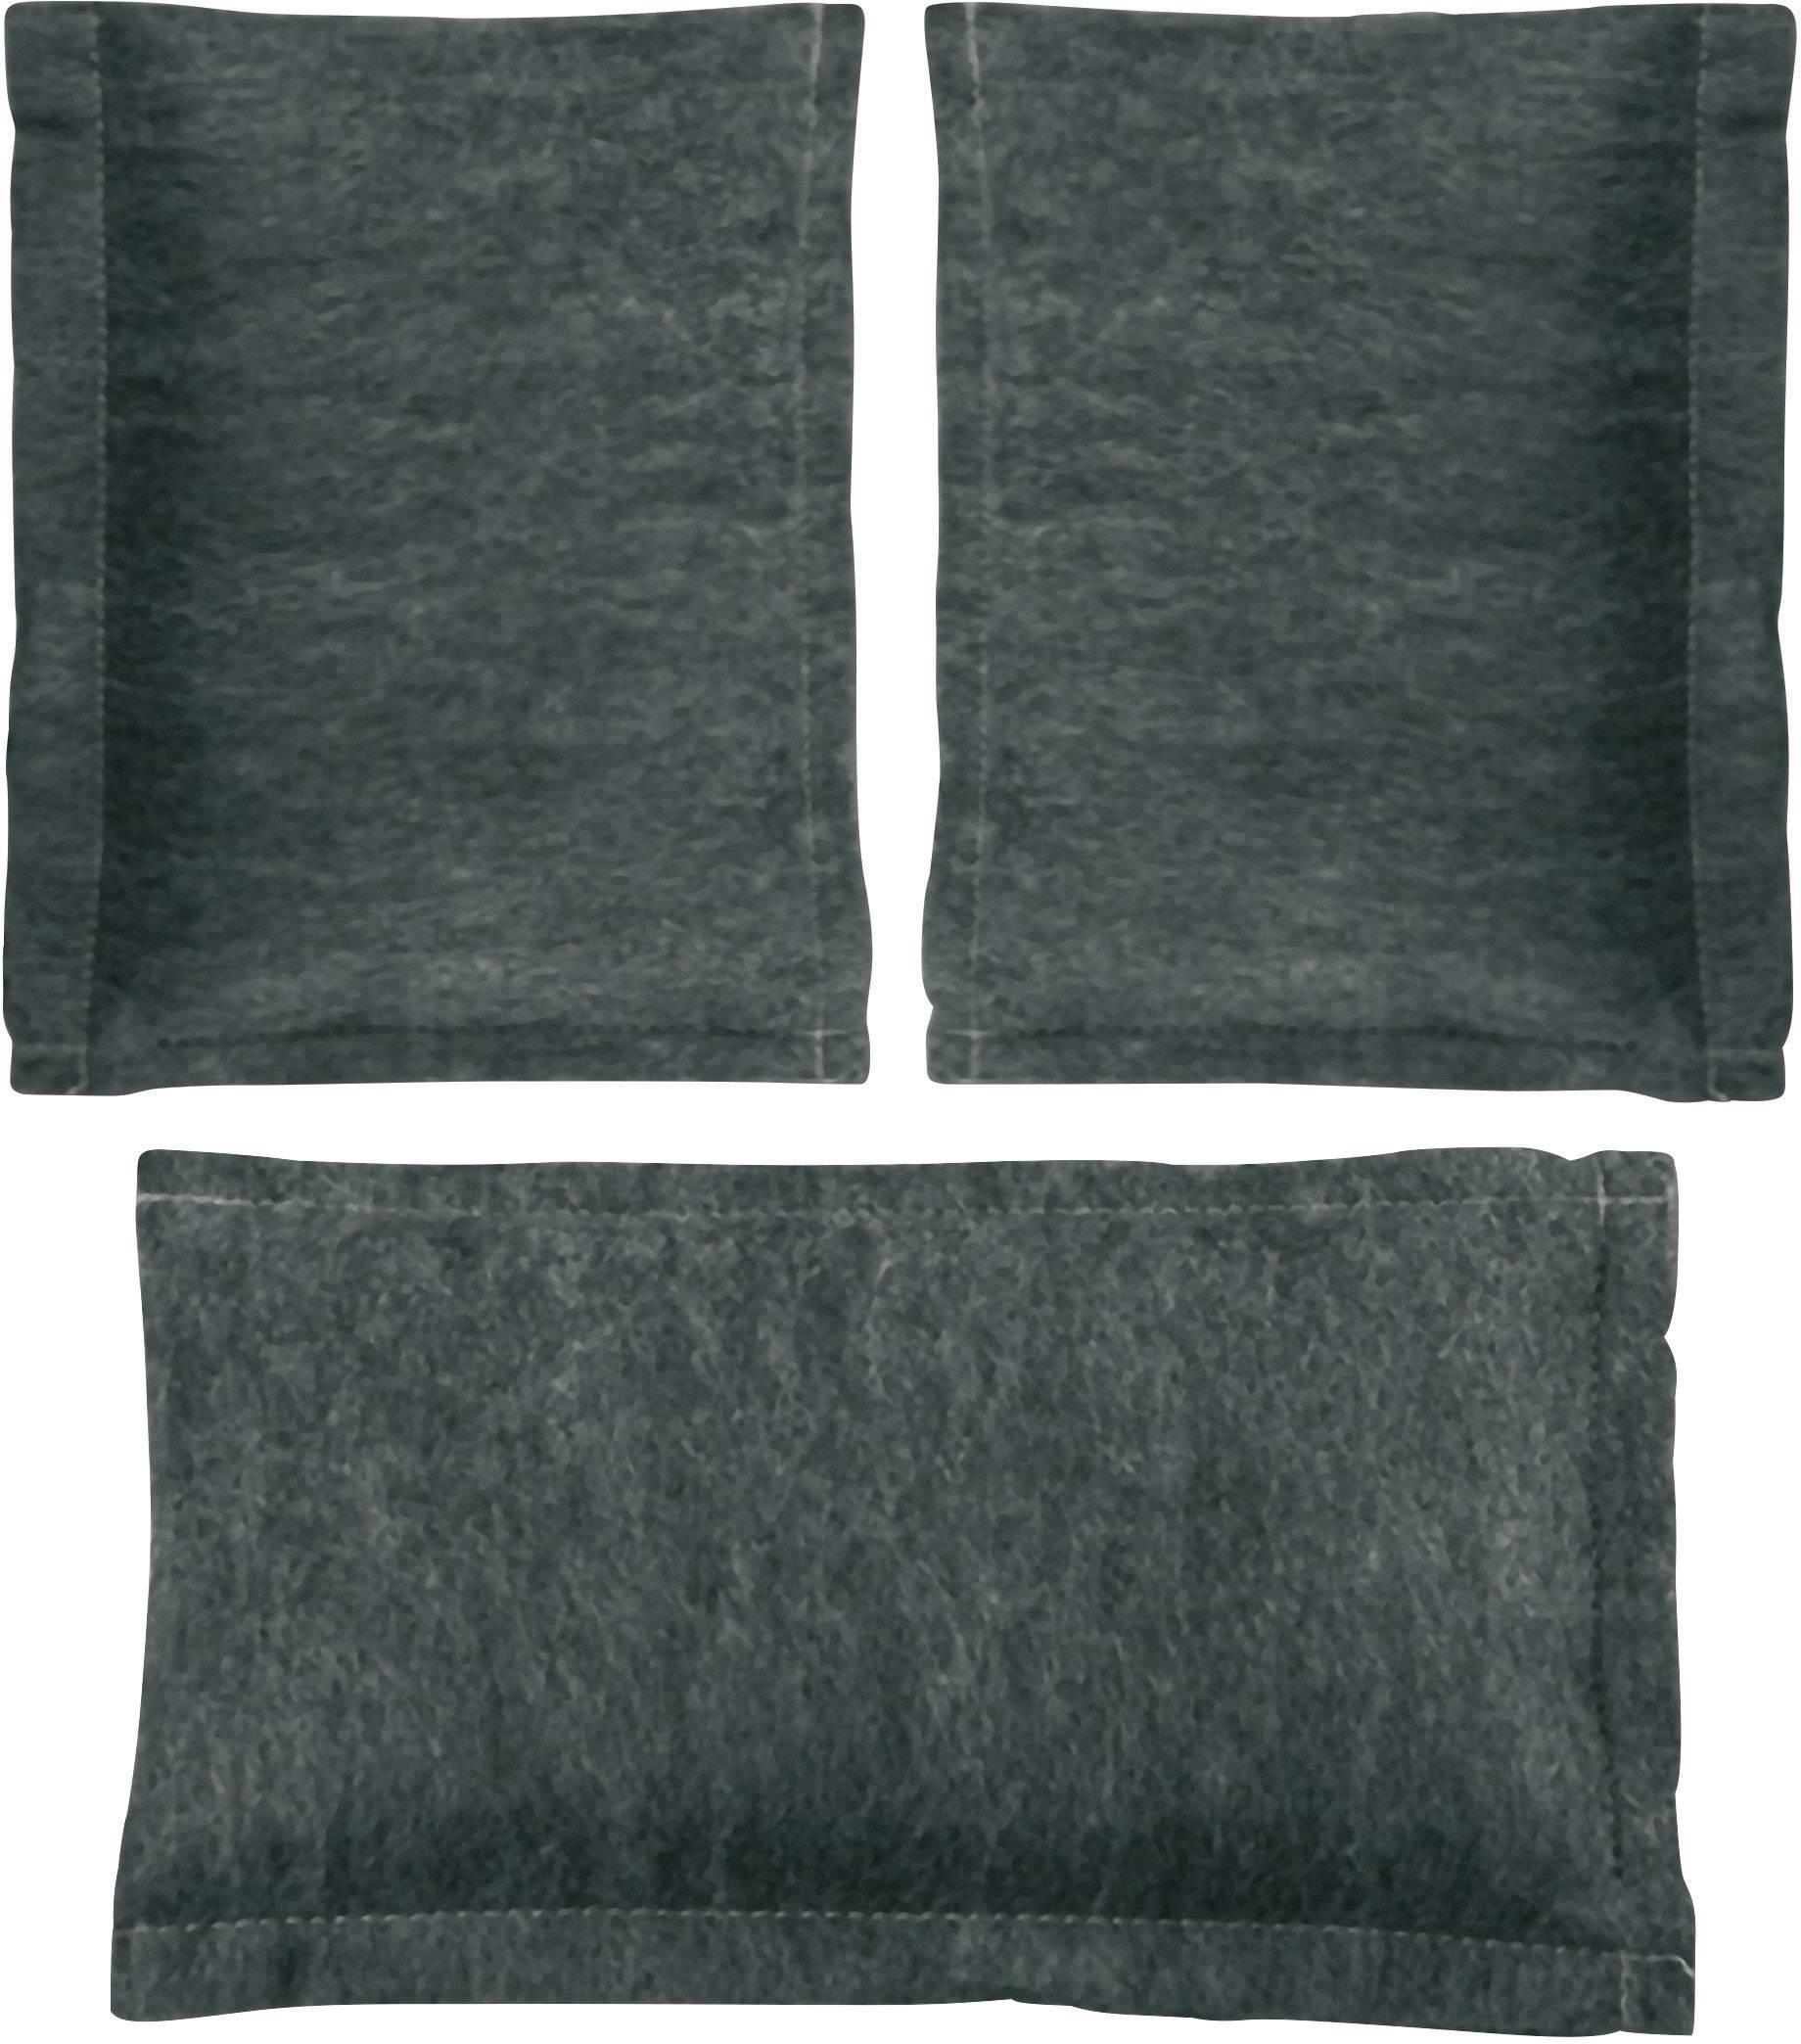 WENKO Raumentfeuchter-Sack Grau 1 kg Entfeuchtung Luftentfeuchtung